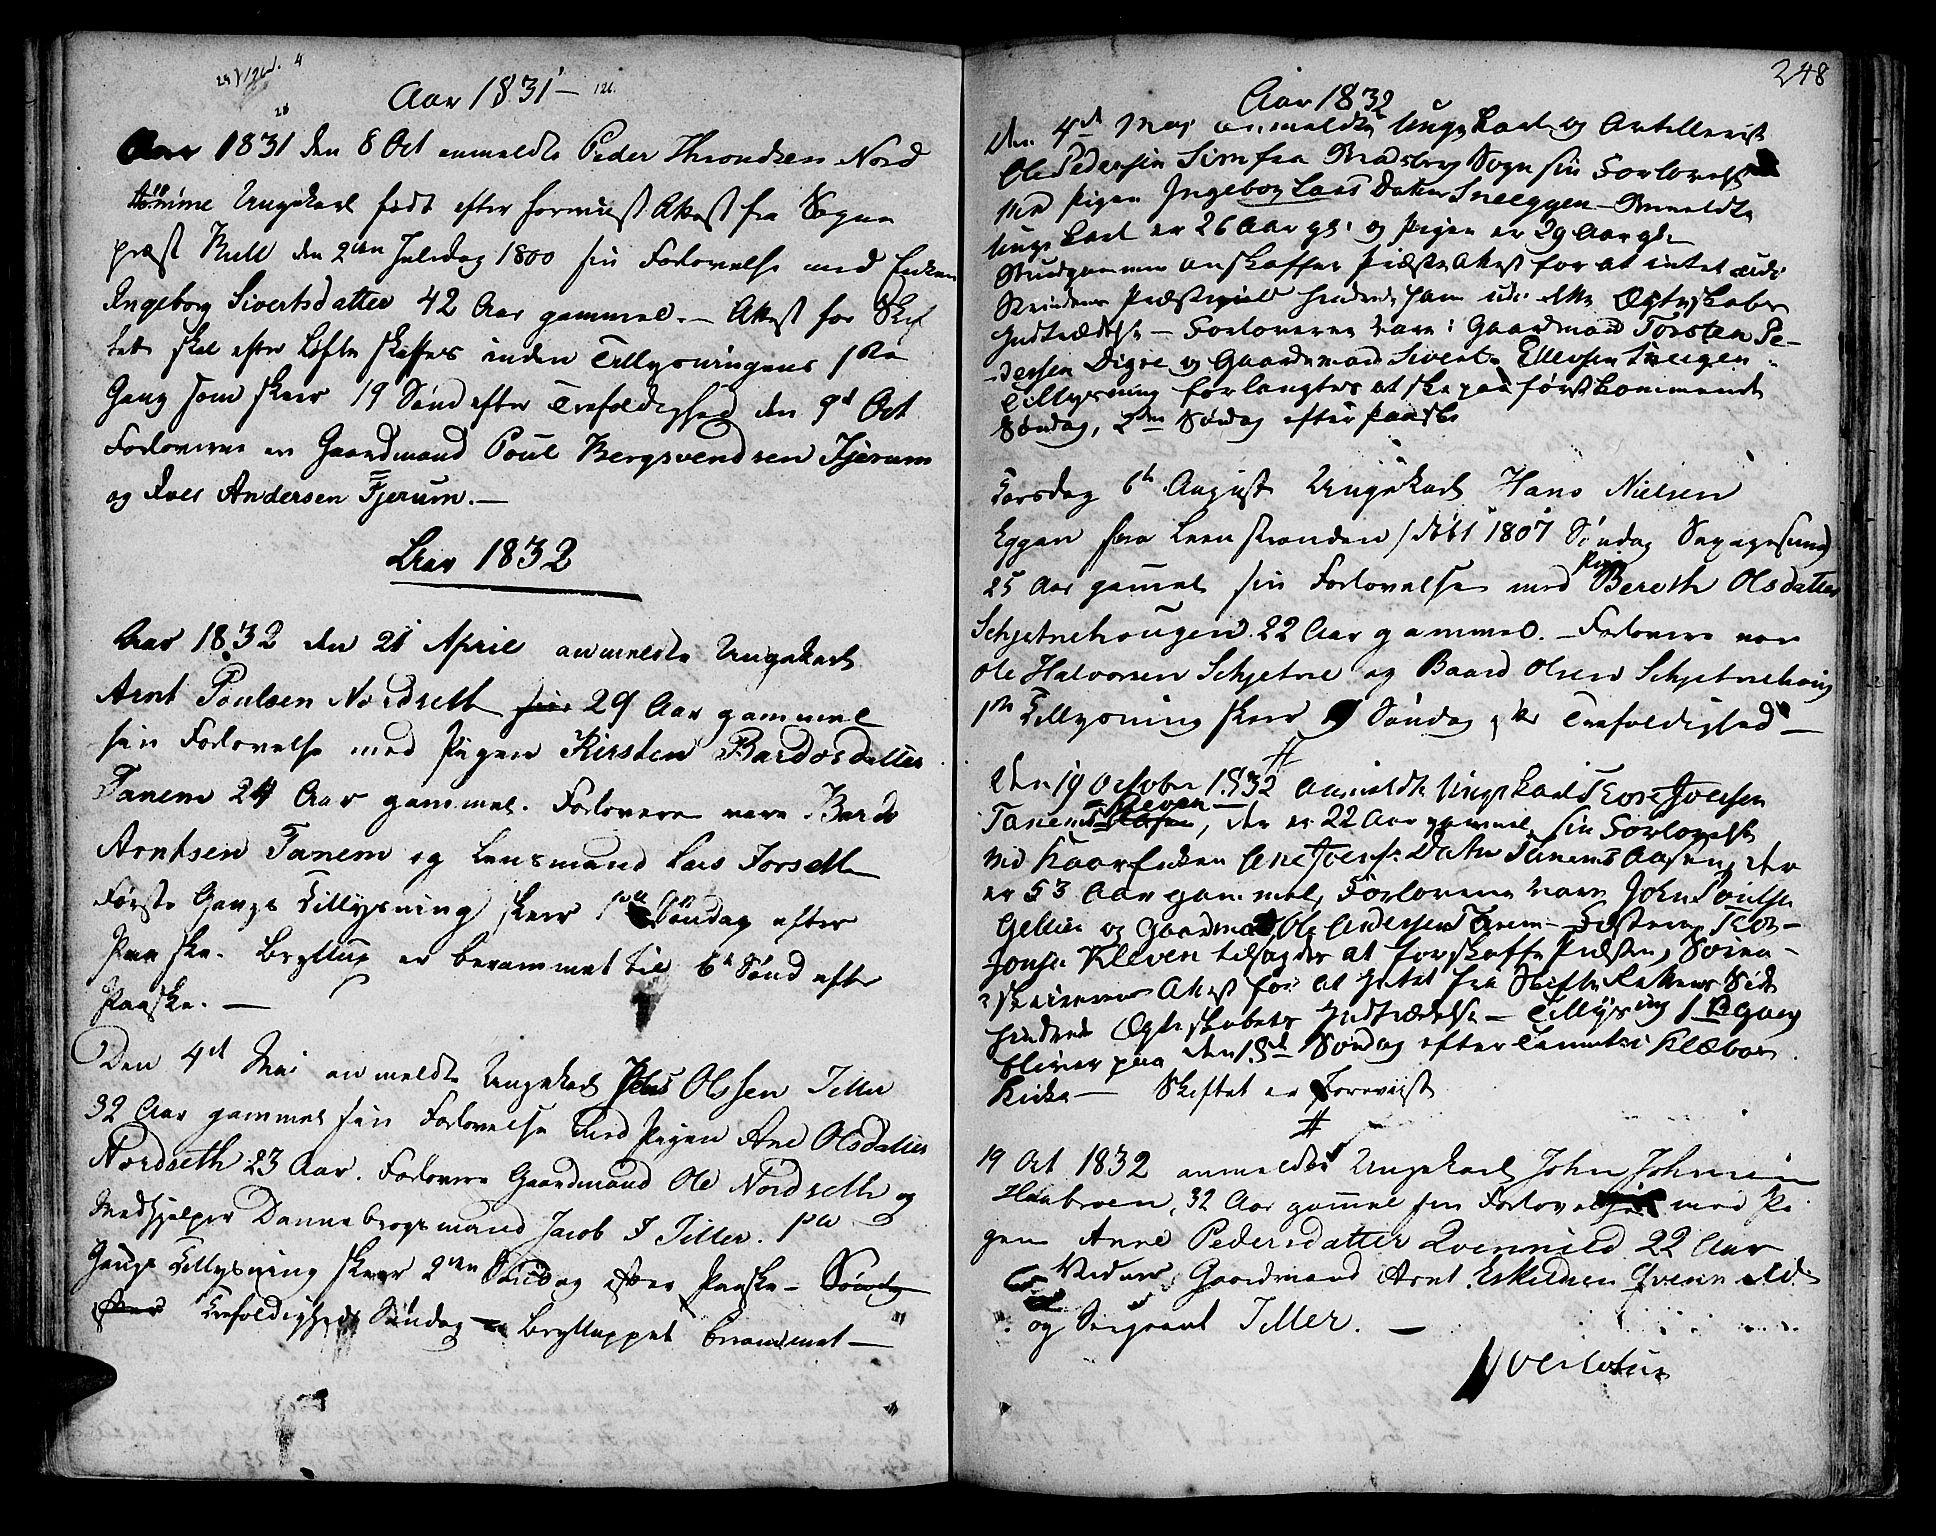 SAT, Ministerialprotokoller, klokkerbøker og fødselsregistre - Sør-Trøndelag, 618/L0438: Ministerialbok nr. 618A03, 1783-1815, s. 248